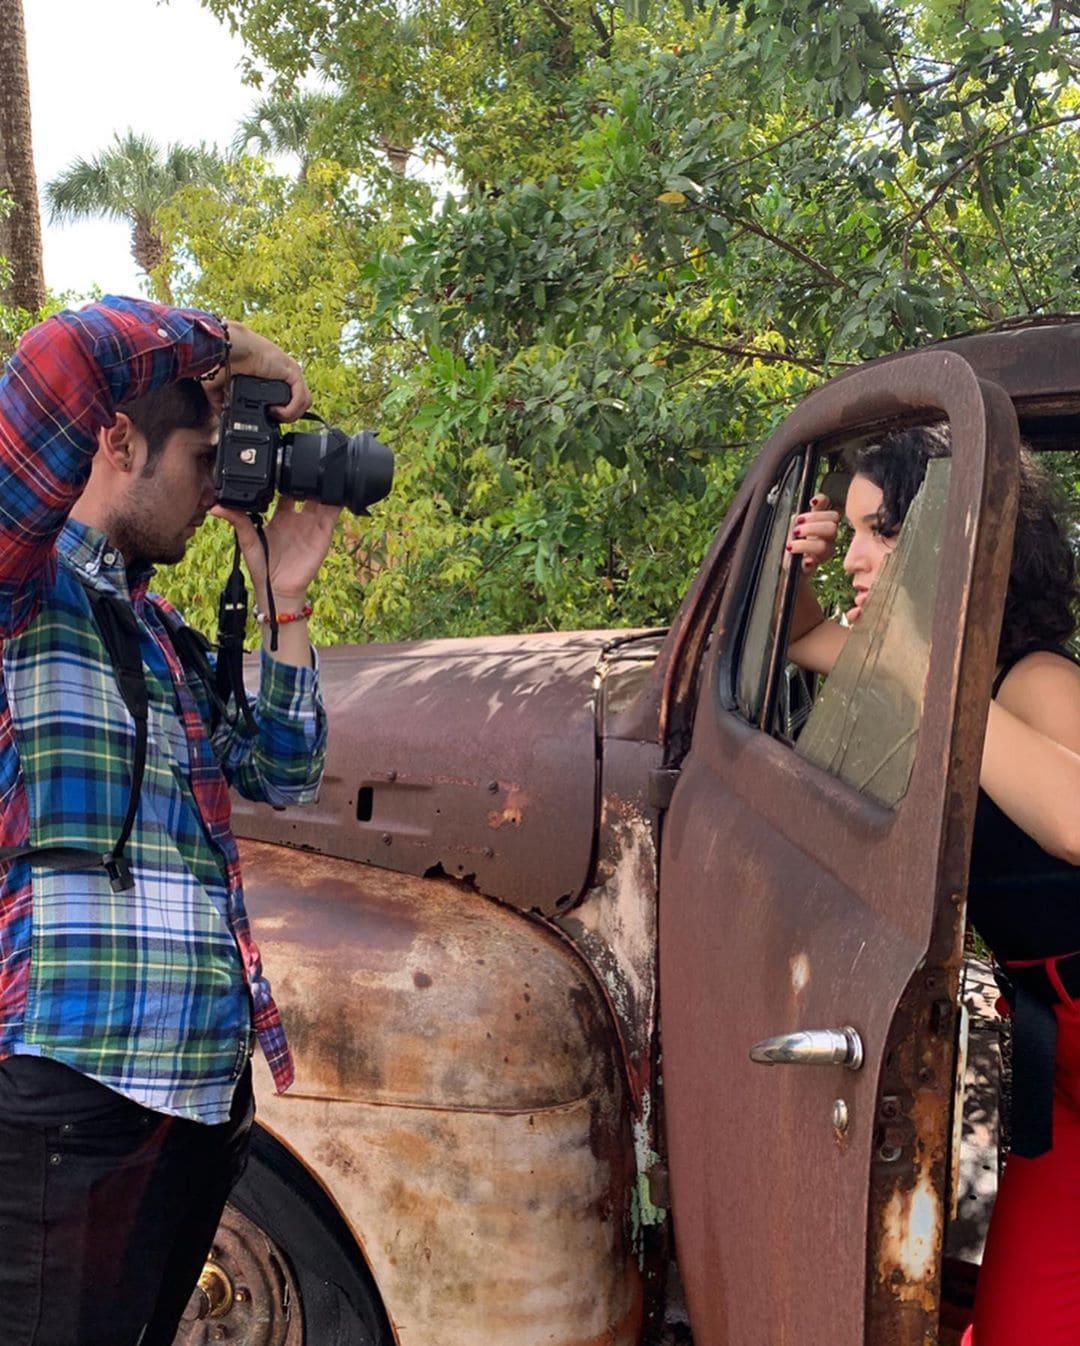 1569499548 a5771bce93e200c36f7cd9dfd0e5deaa - Фотограф из Флориды показал, как выглядит со стороны процесс съёмки идеальных инстаграмных снимков